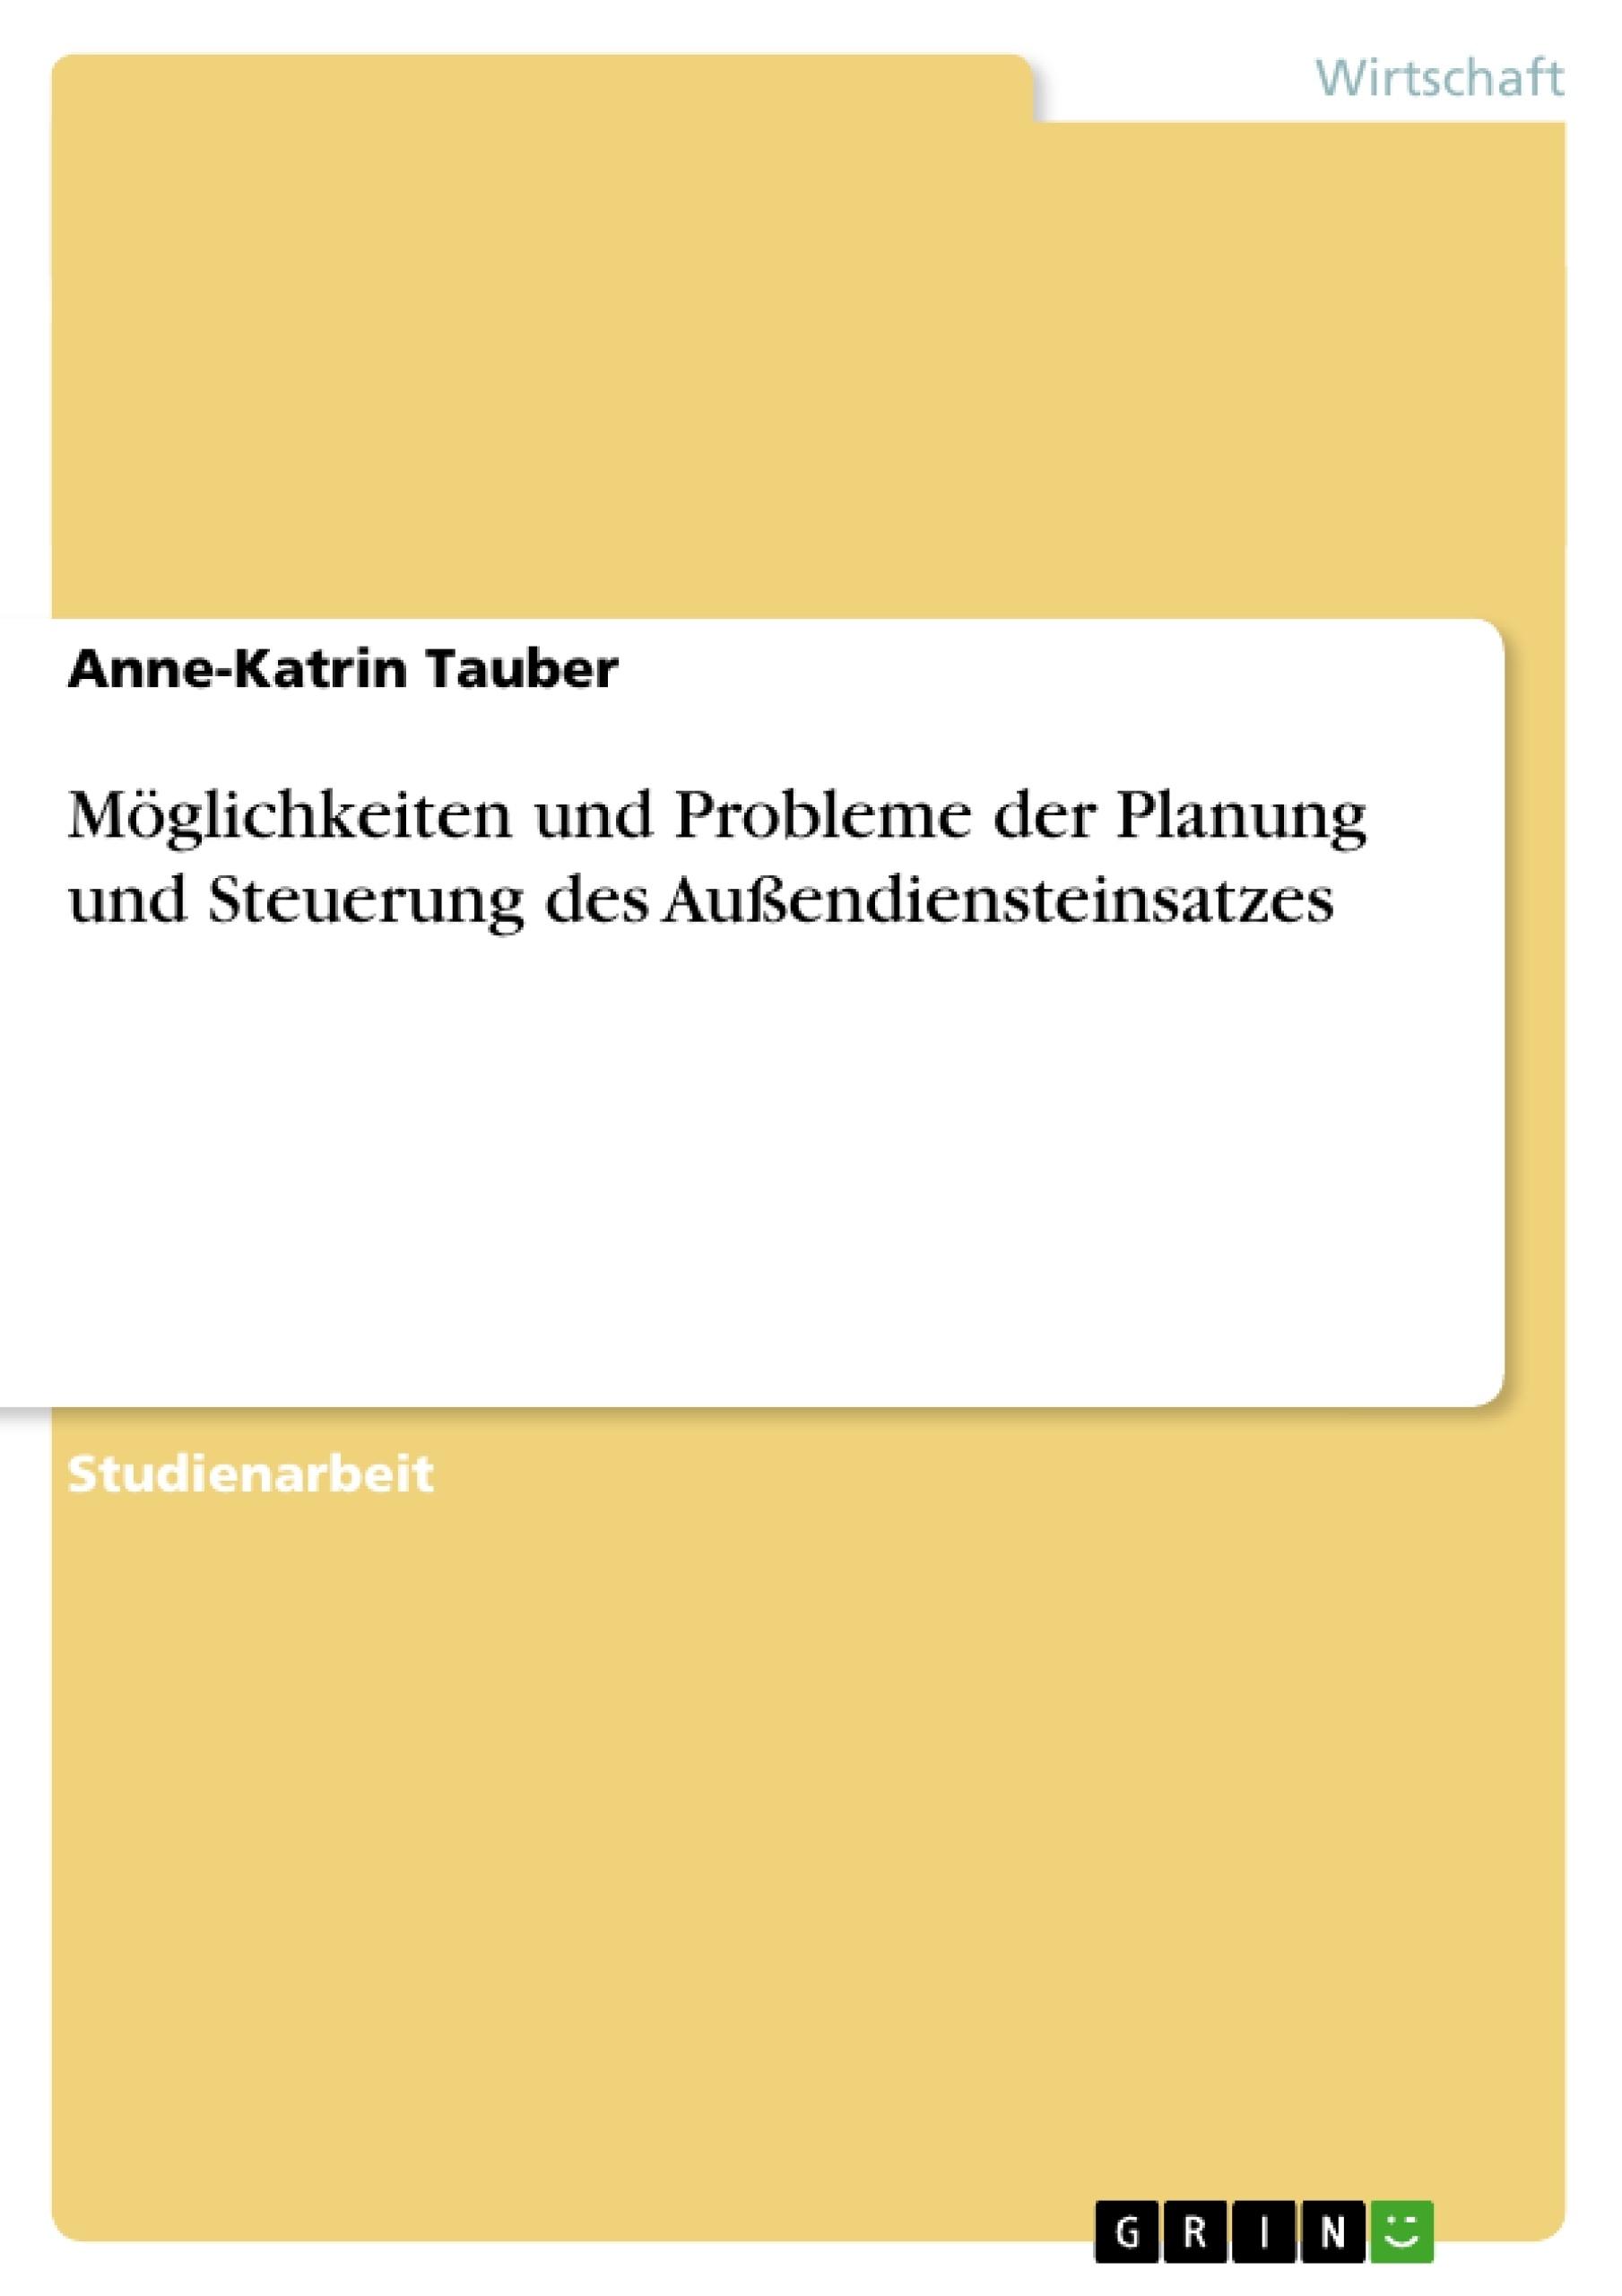 Titel: Möglichkeiten und Probleme der Planung und Steuerung des Außendiensteinsatzes